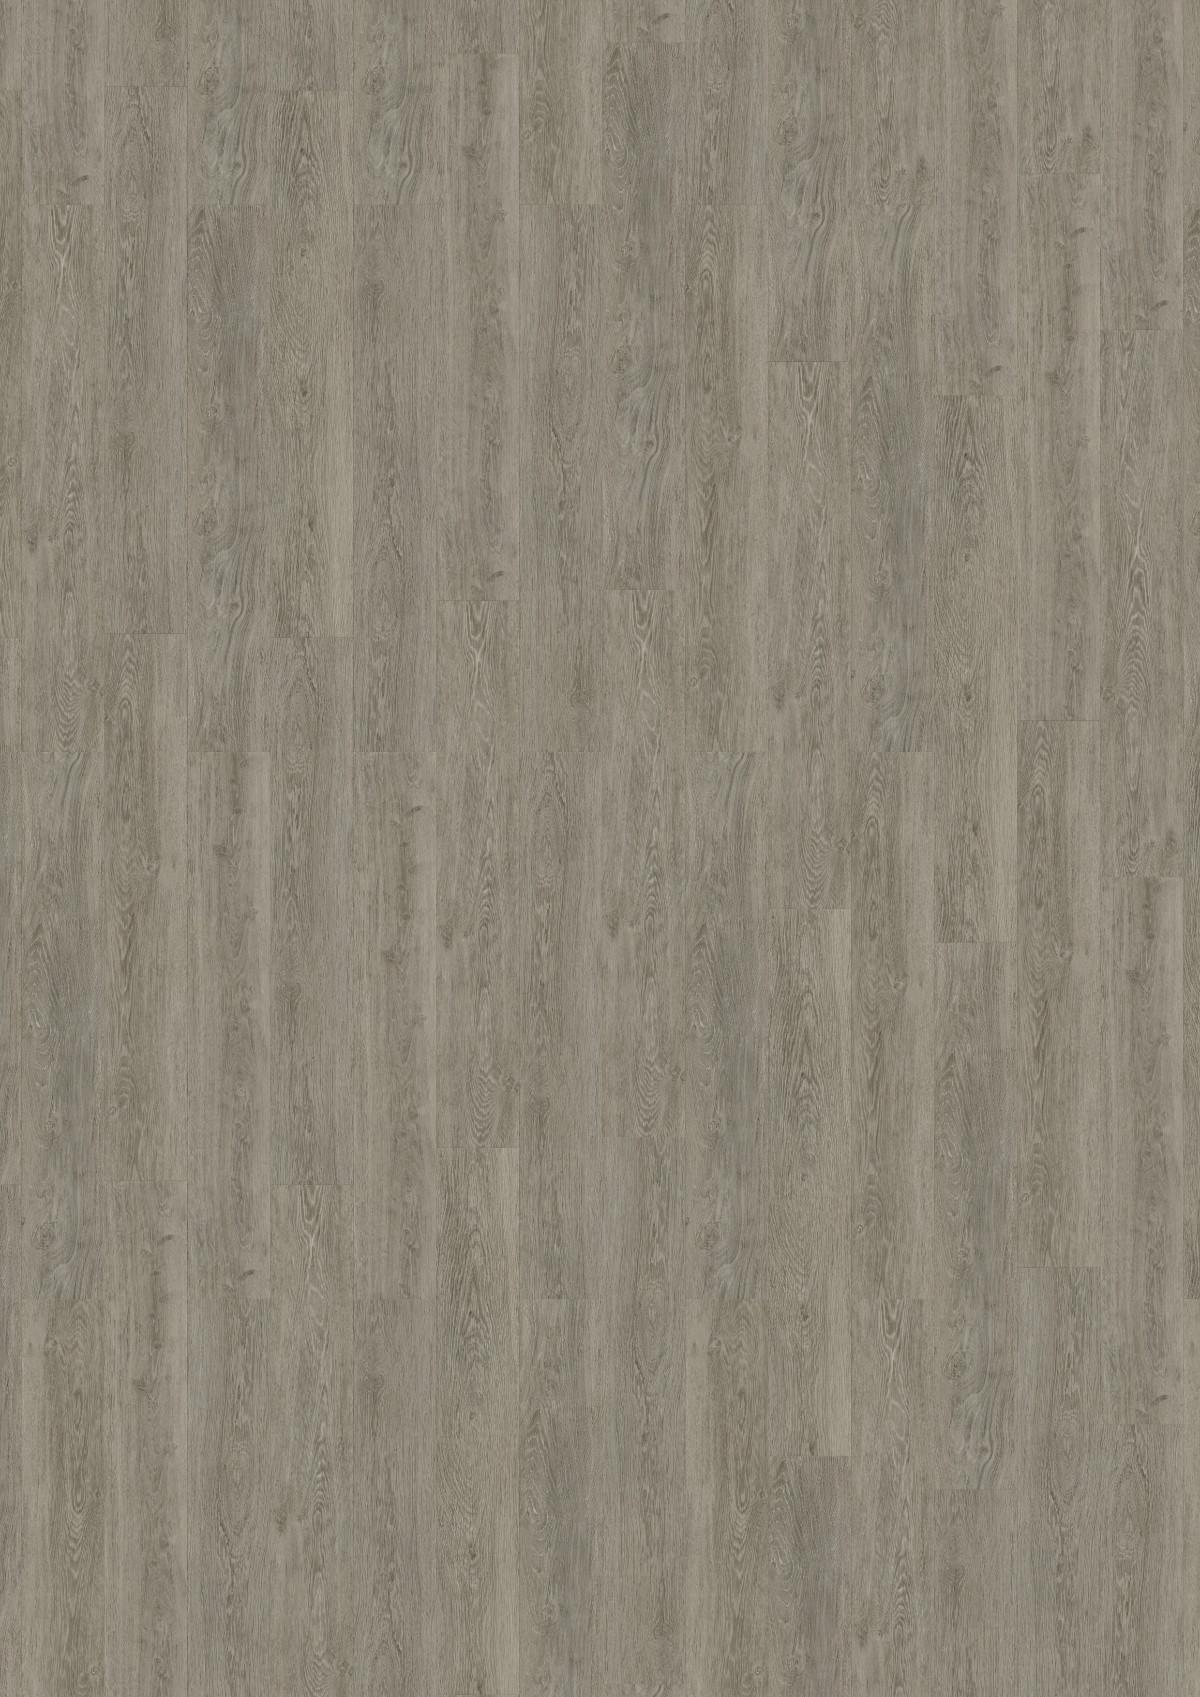 deluxe sentivo kork designboden extreme hps schutzschicht d201 eiche steingrau extreme. Black Bedroom Furniture Sets. Home Design Ideas